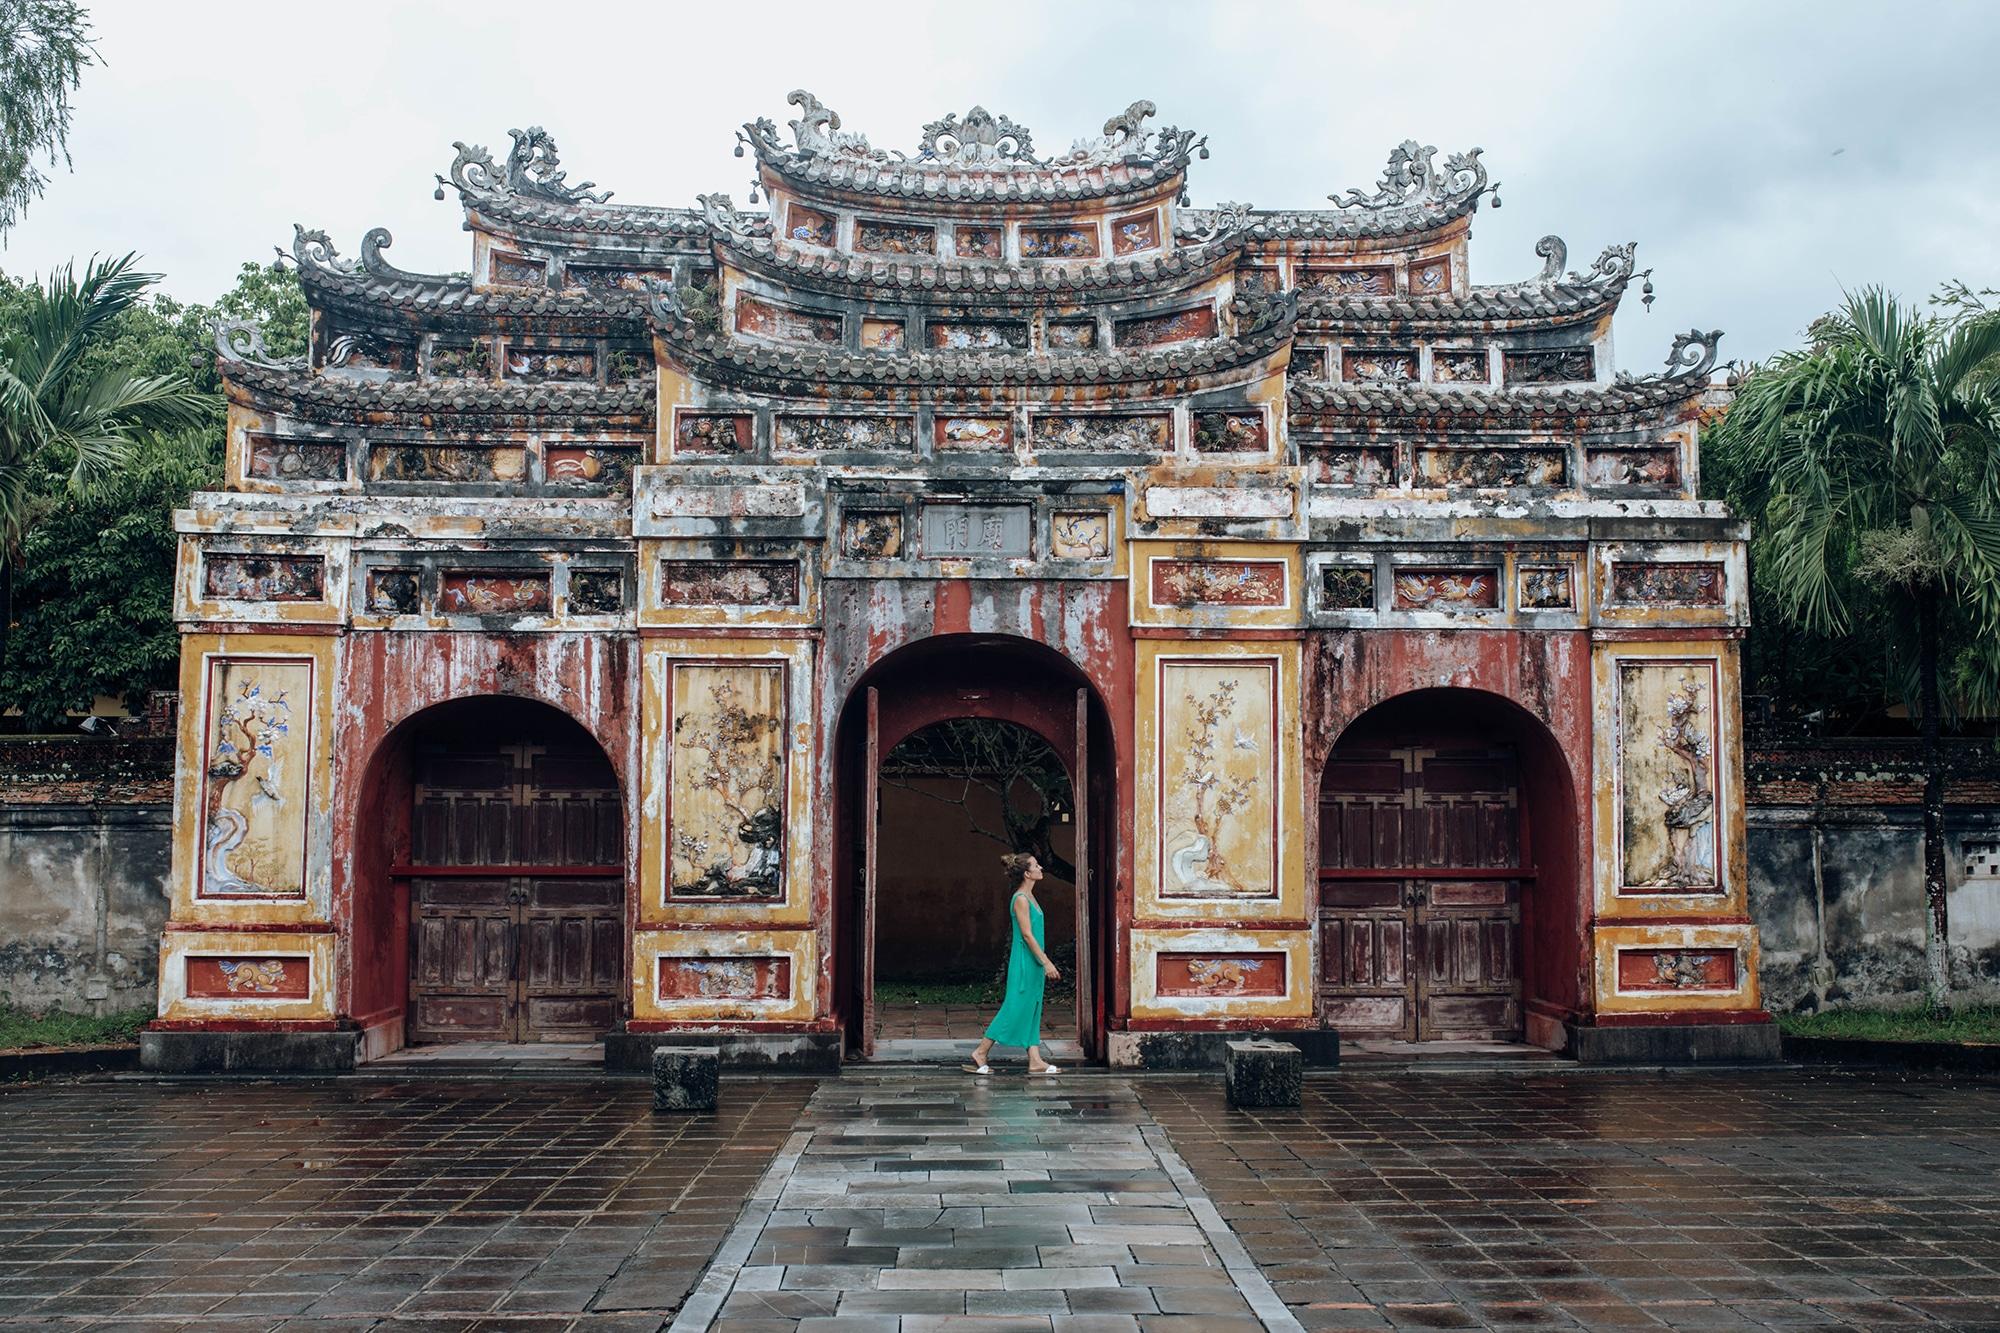 vietnam travel highlights - Hue - Imperial City